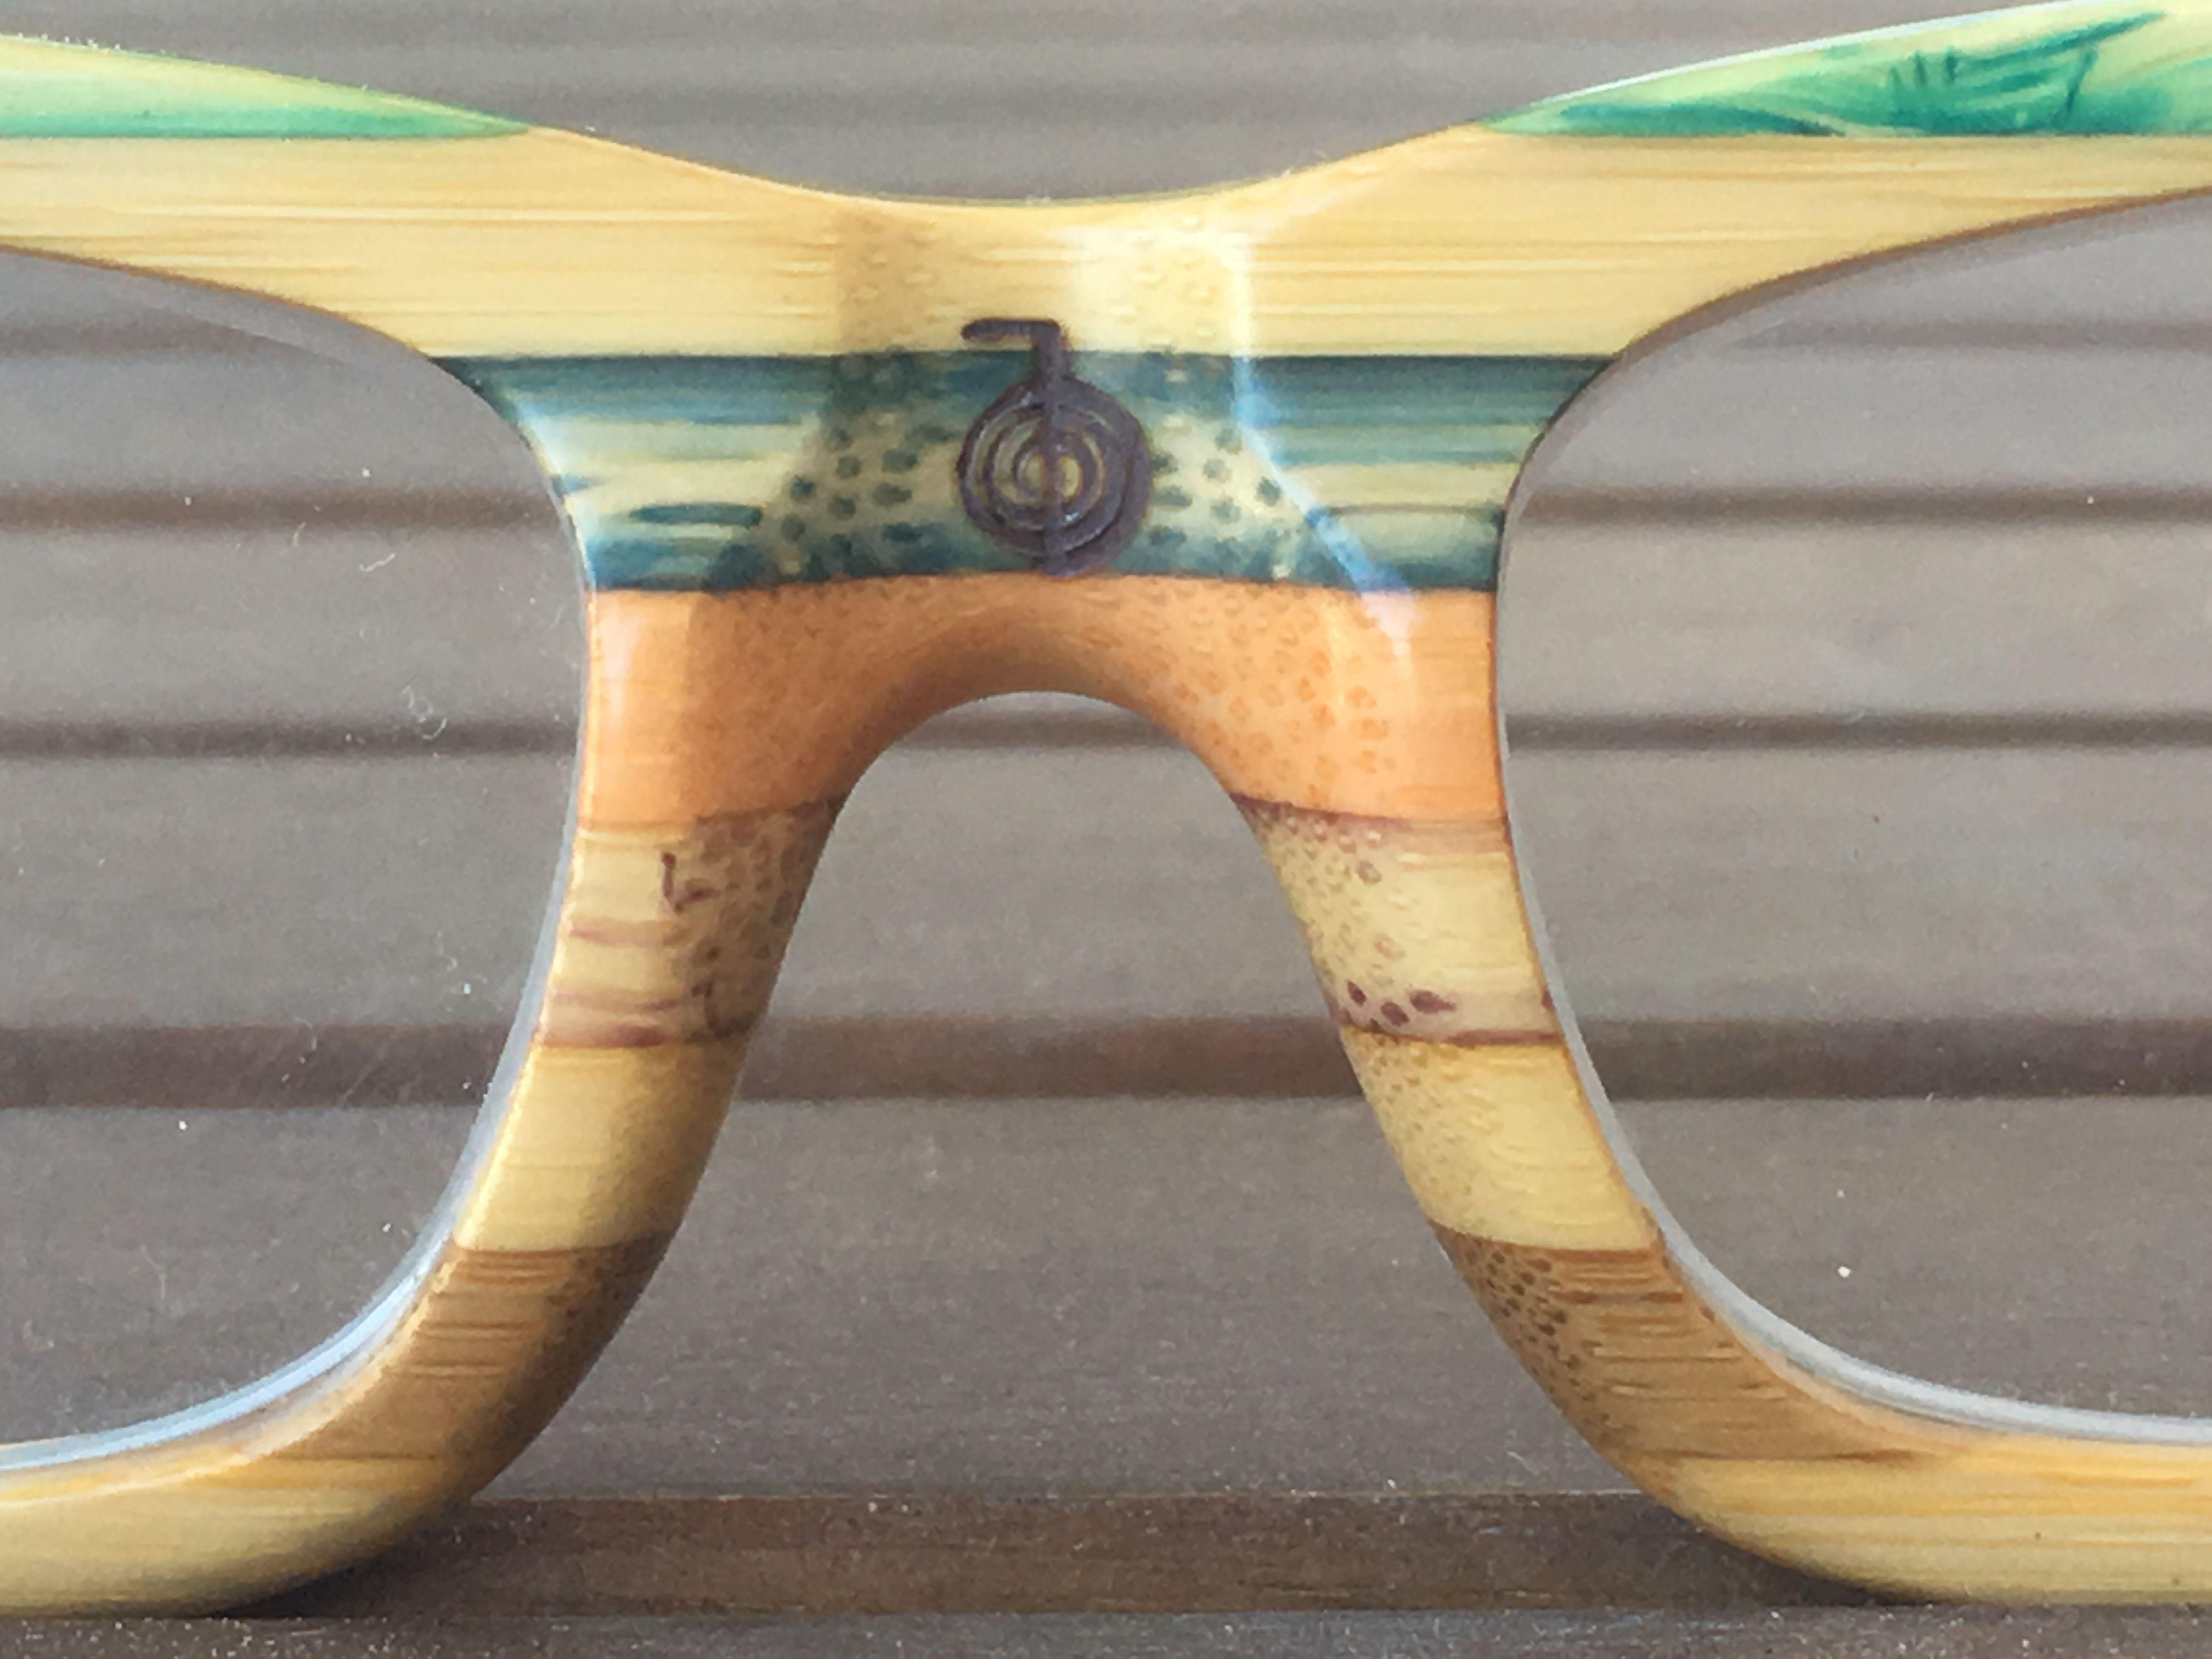 ba83aefc55 Gafas de madera de bambú Soniapew Mod Rainbow Bioenergéticas. Grabado y  consagrado por la técnica